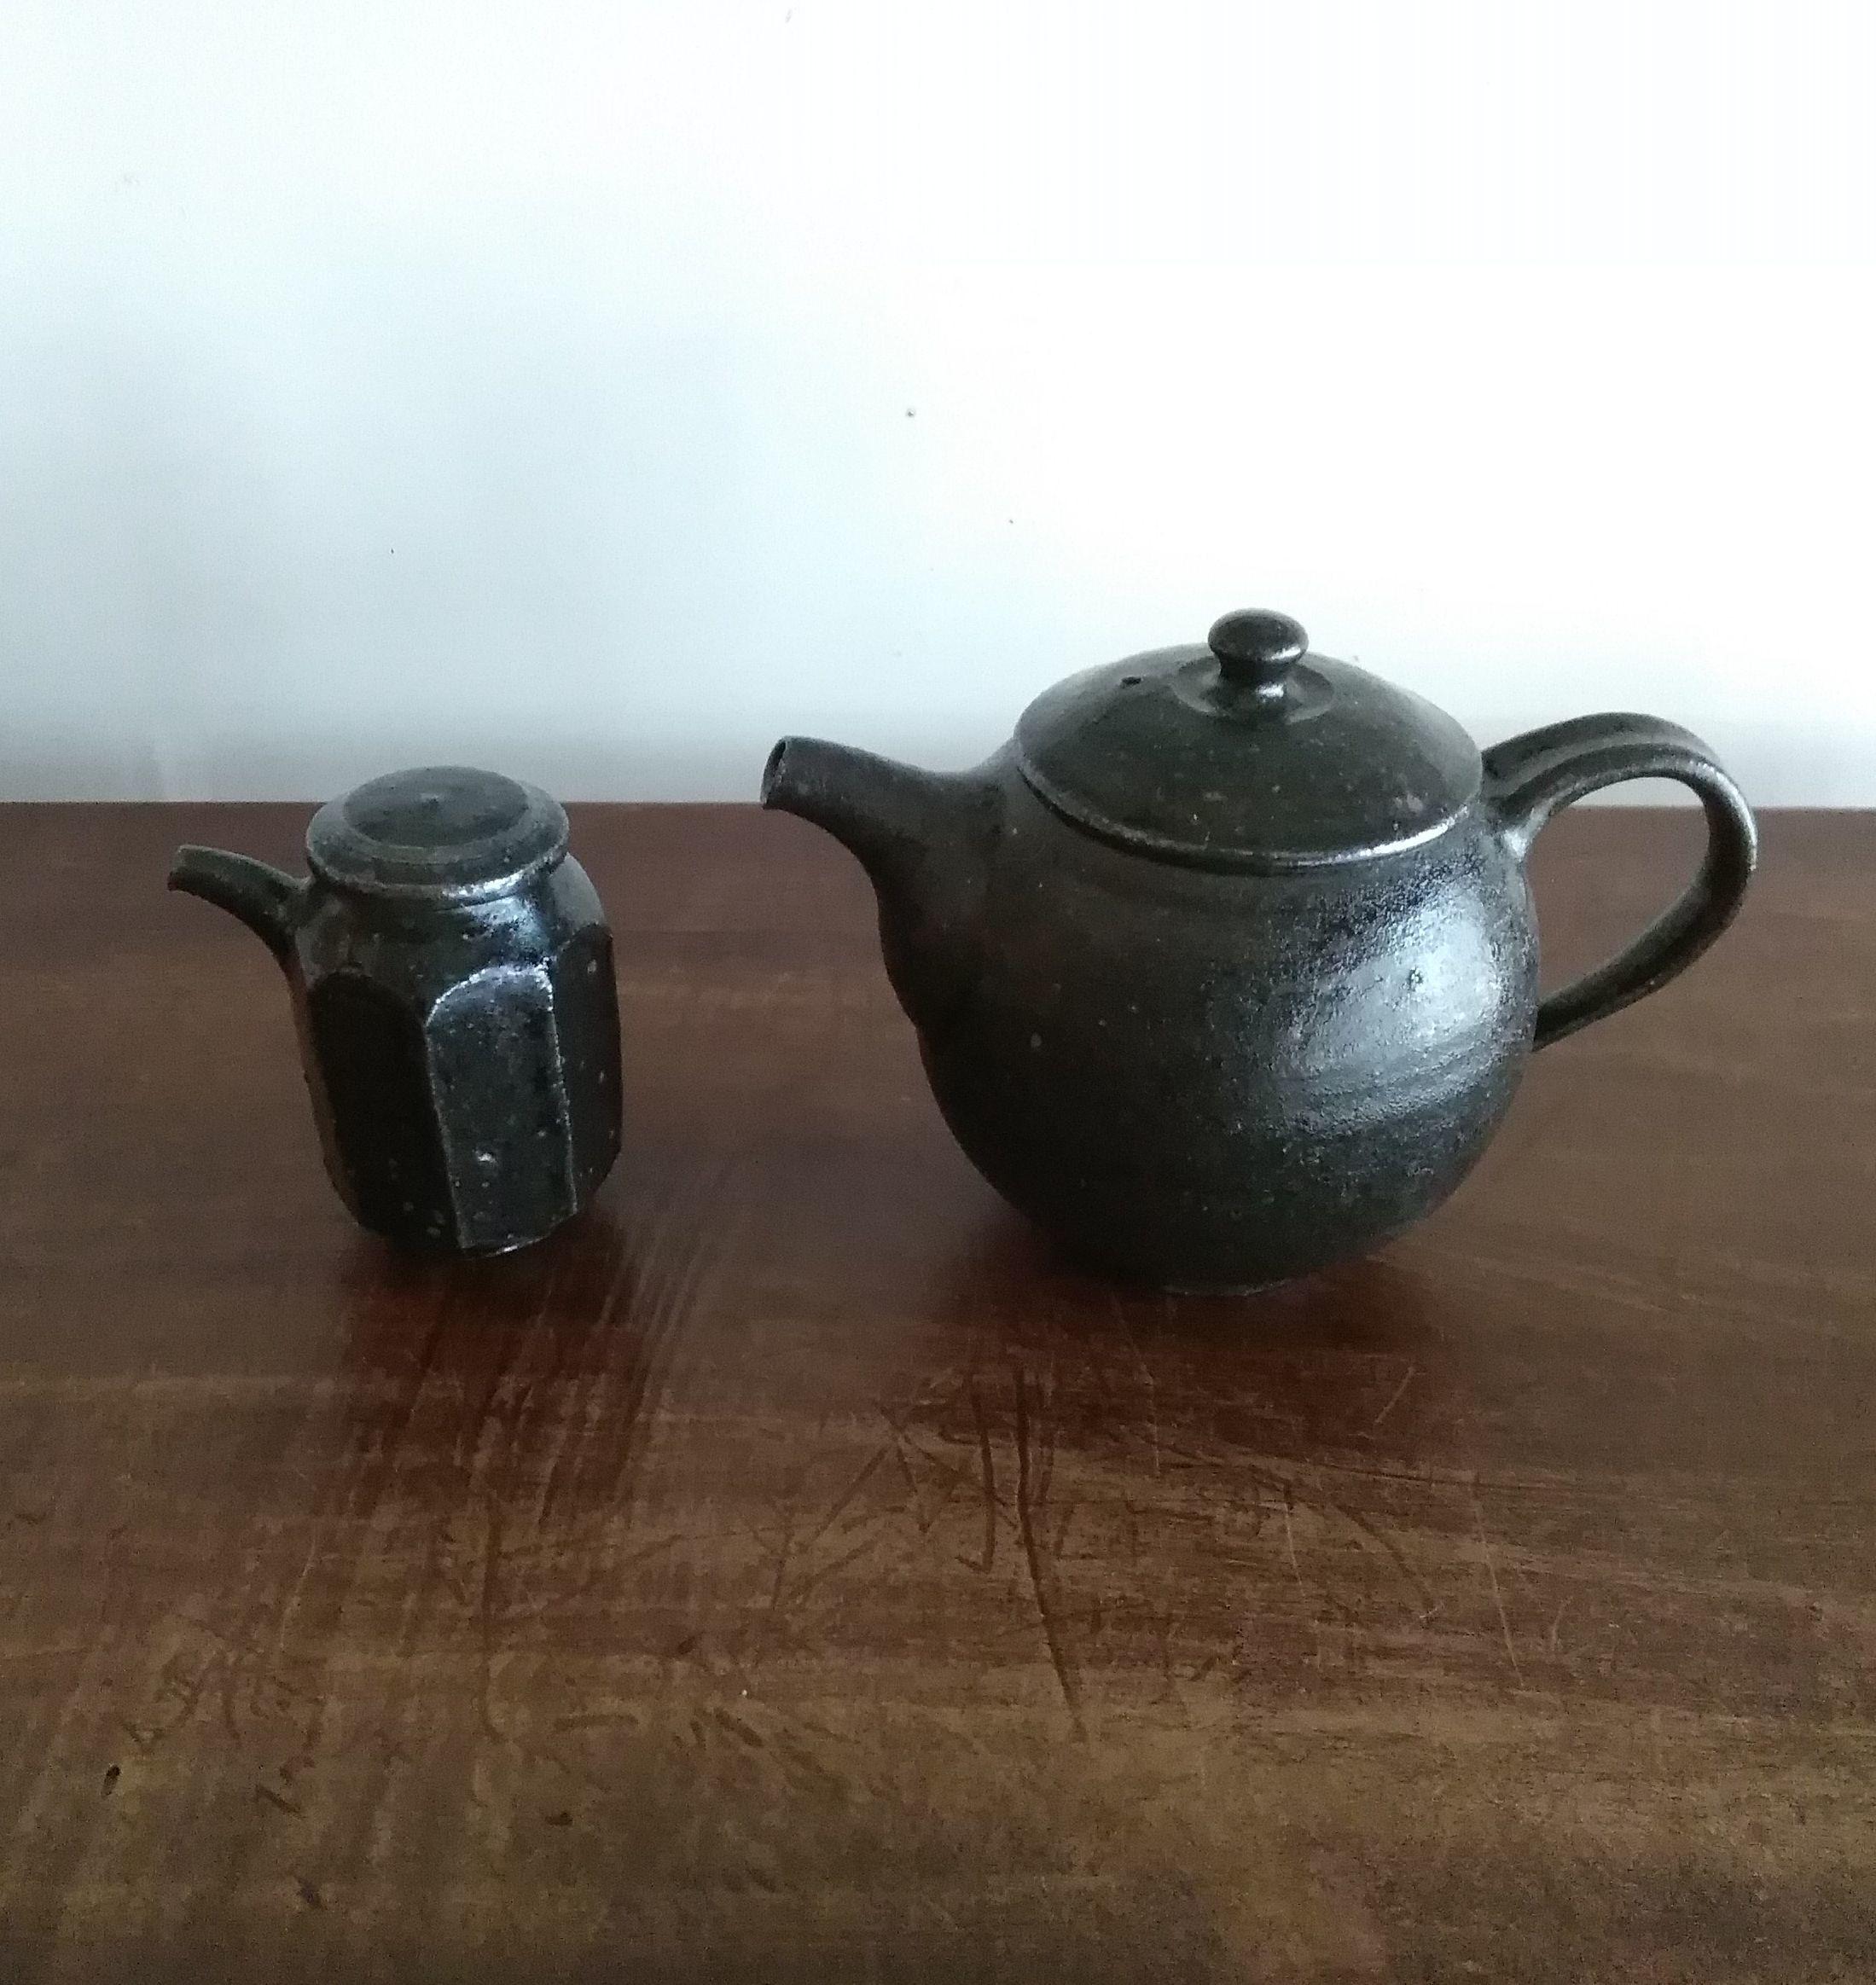 増田勉さんの陶器の入荷_a0265743_00455800.jpg